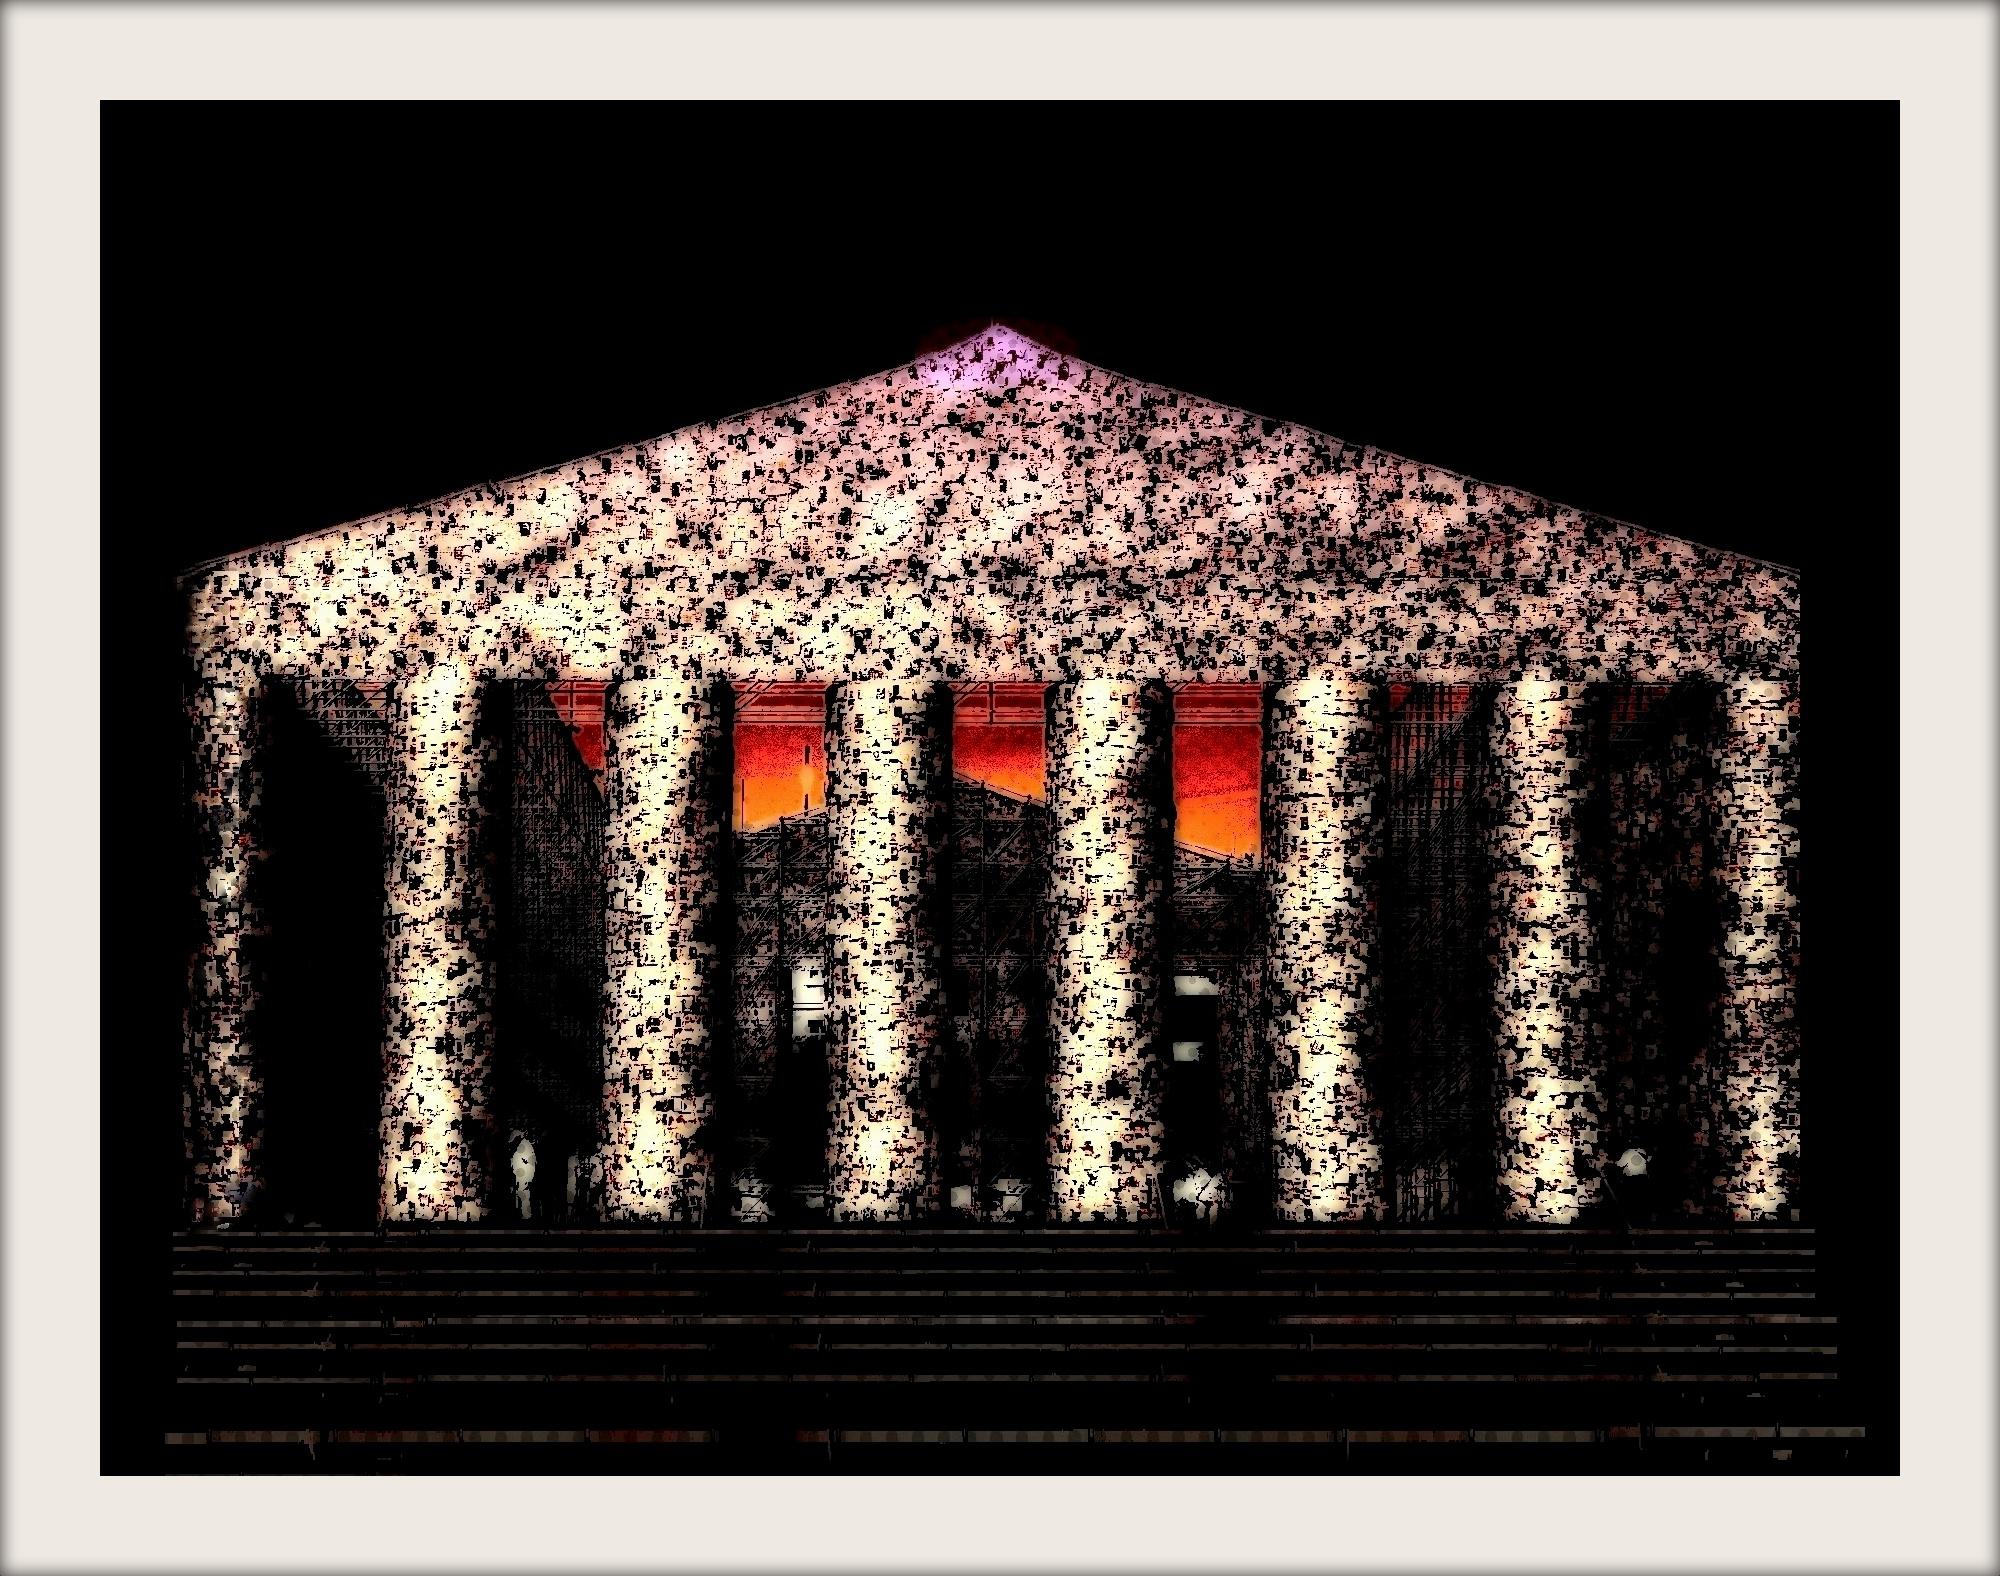 Parthenon der verbotenen Bücher, digitale Bearbeitung eines eigenen Fotos der documenta XIV